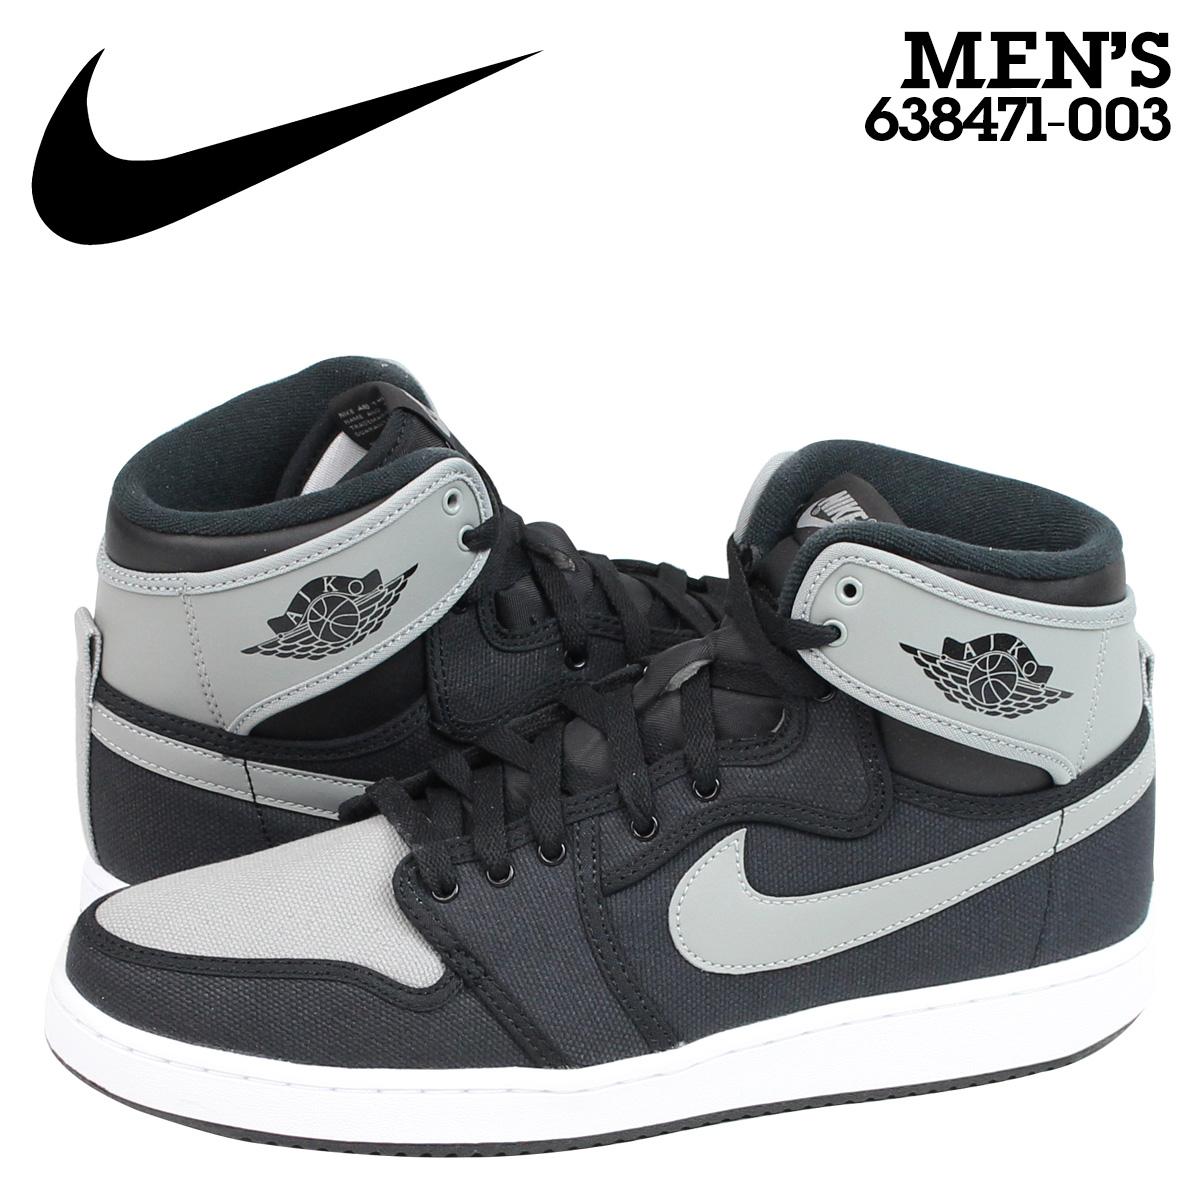 quality design 505a2 09dea Nike NIKE Air Jordan sneakers AIR JORDAN 1 RETRO KO HI OG Air Jordan 1 retro  ...